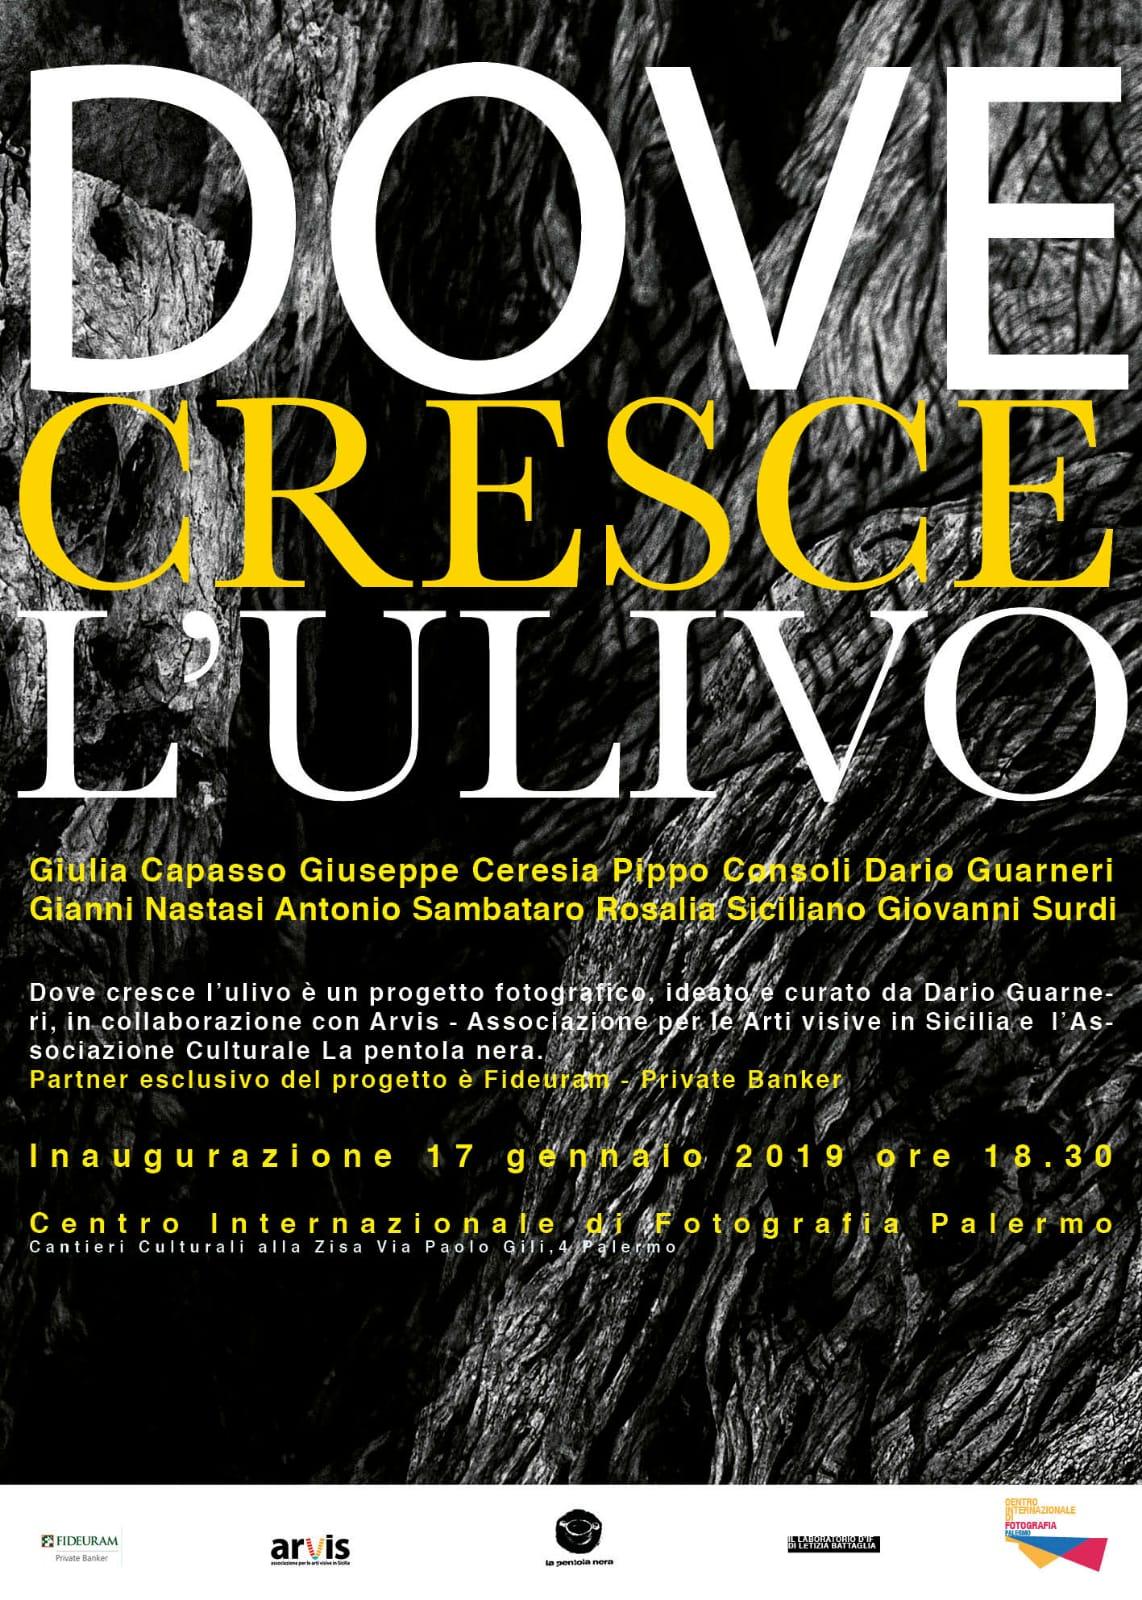 Dove cresce l'ulivo, la mostra di Dario Guarneri al Centro di Letizia Battaglia